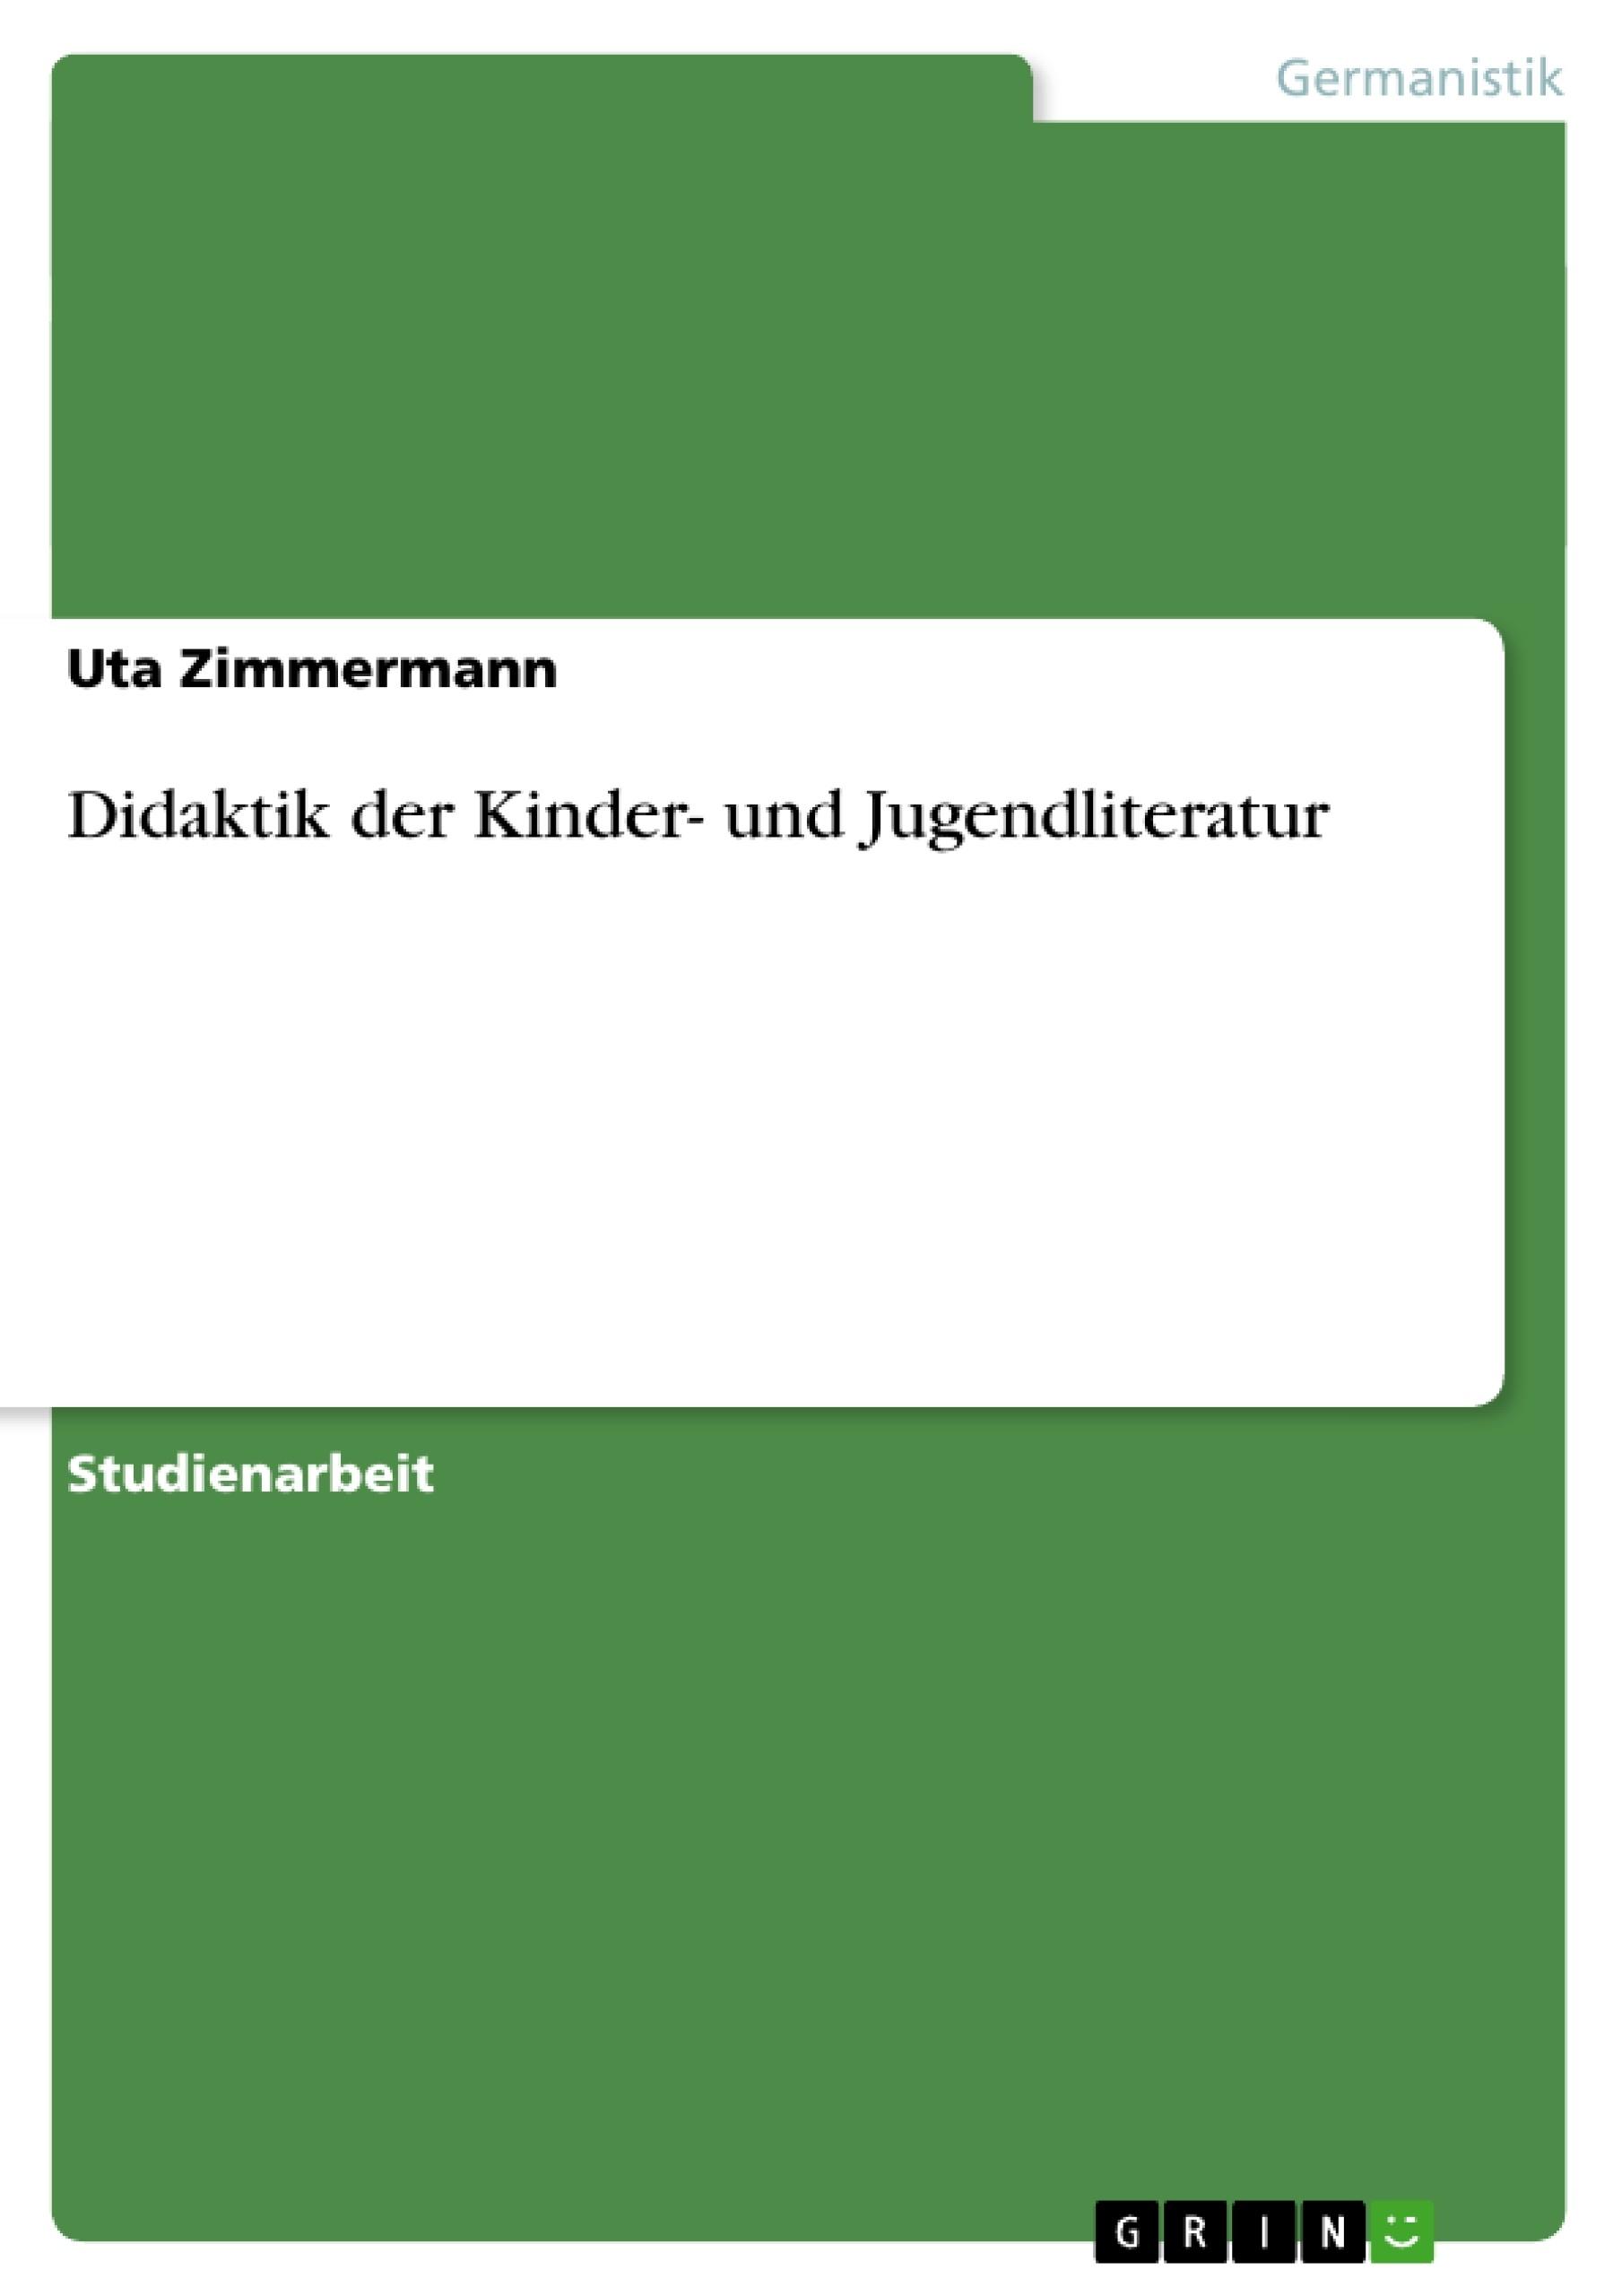 Titel: Didaktik der Kinder- und Jugendliteratur